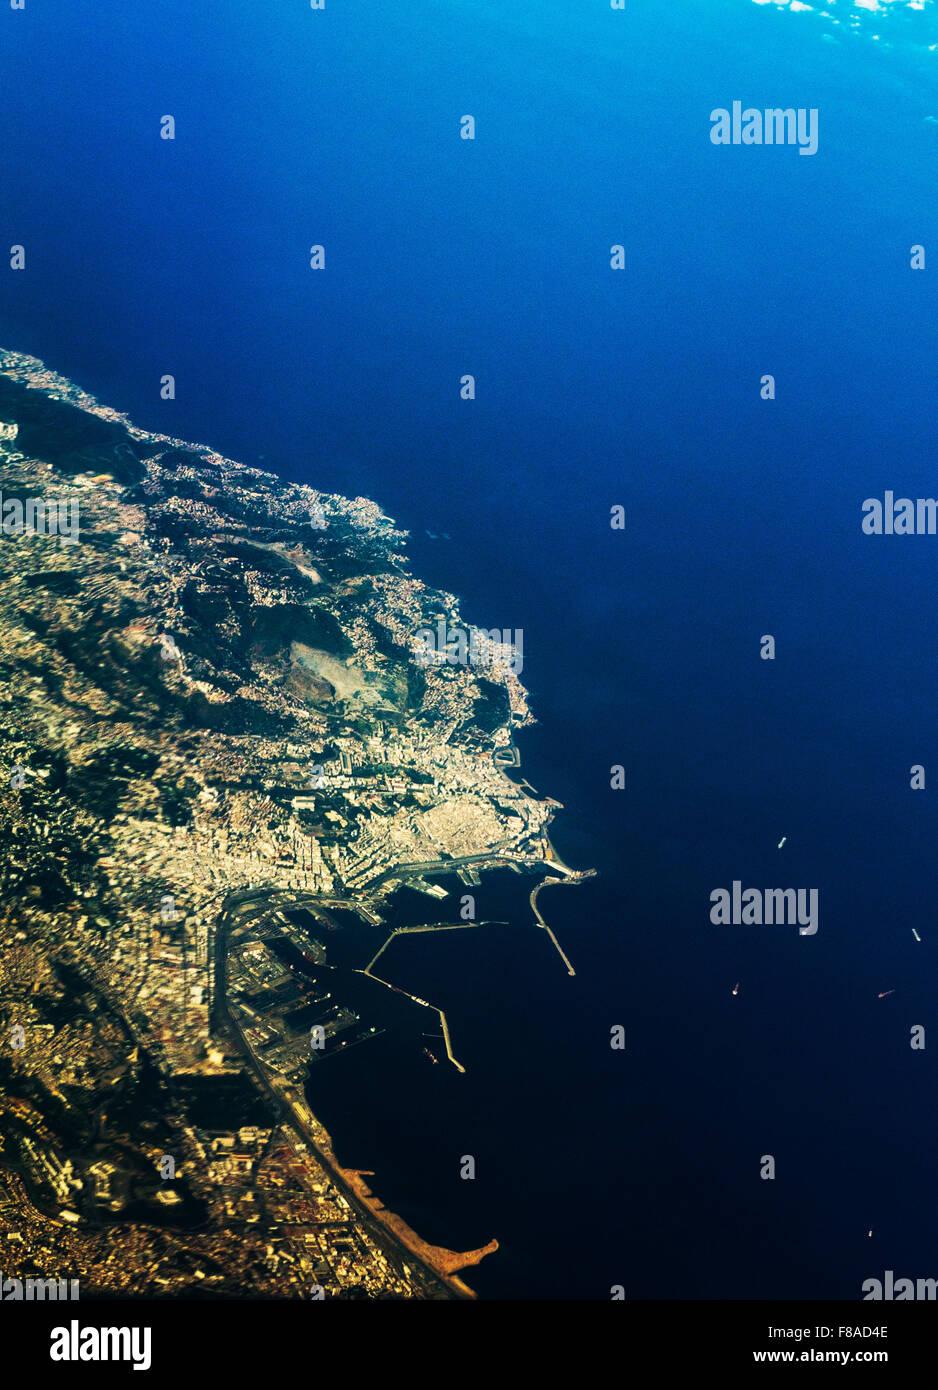 Una veduta aerea di Algeri, la capitale dell'Algeria. Immagini Stock